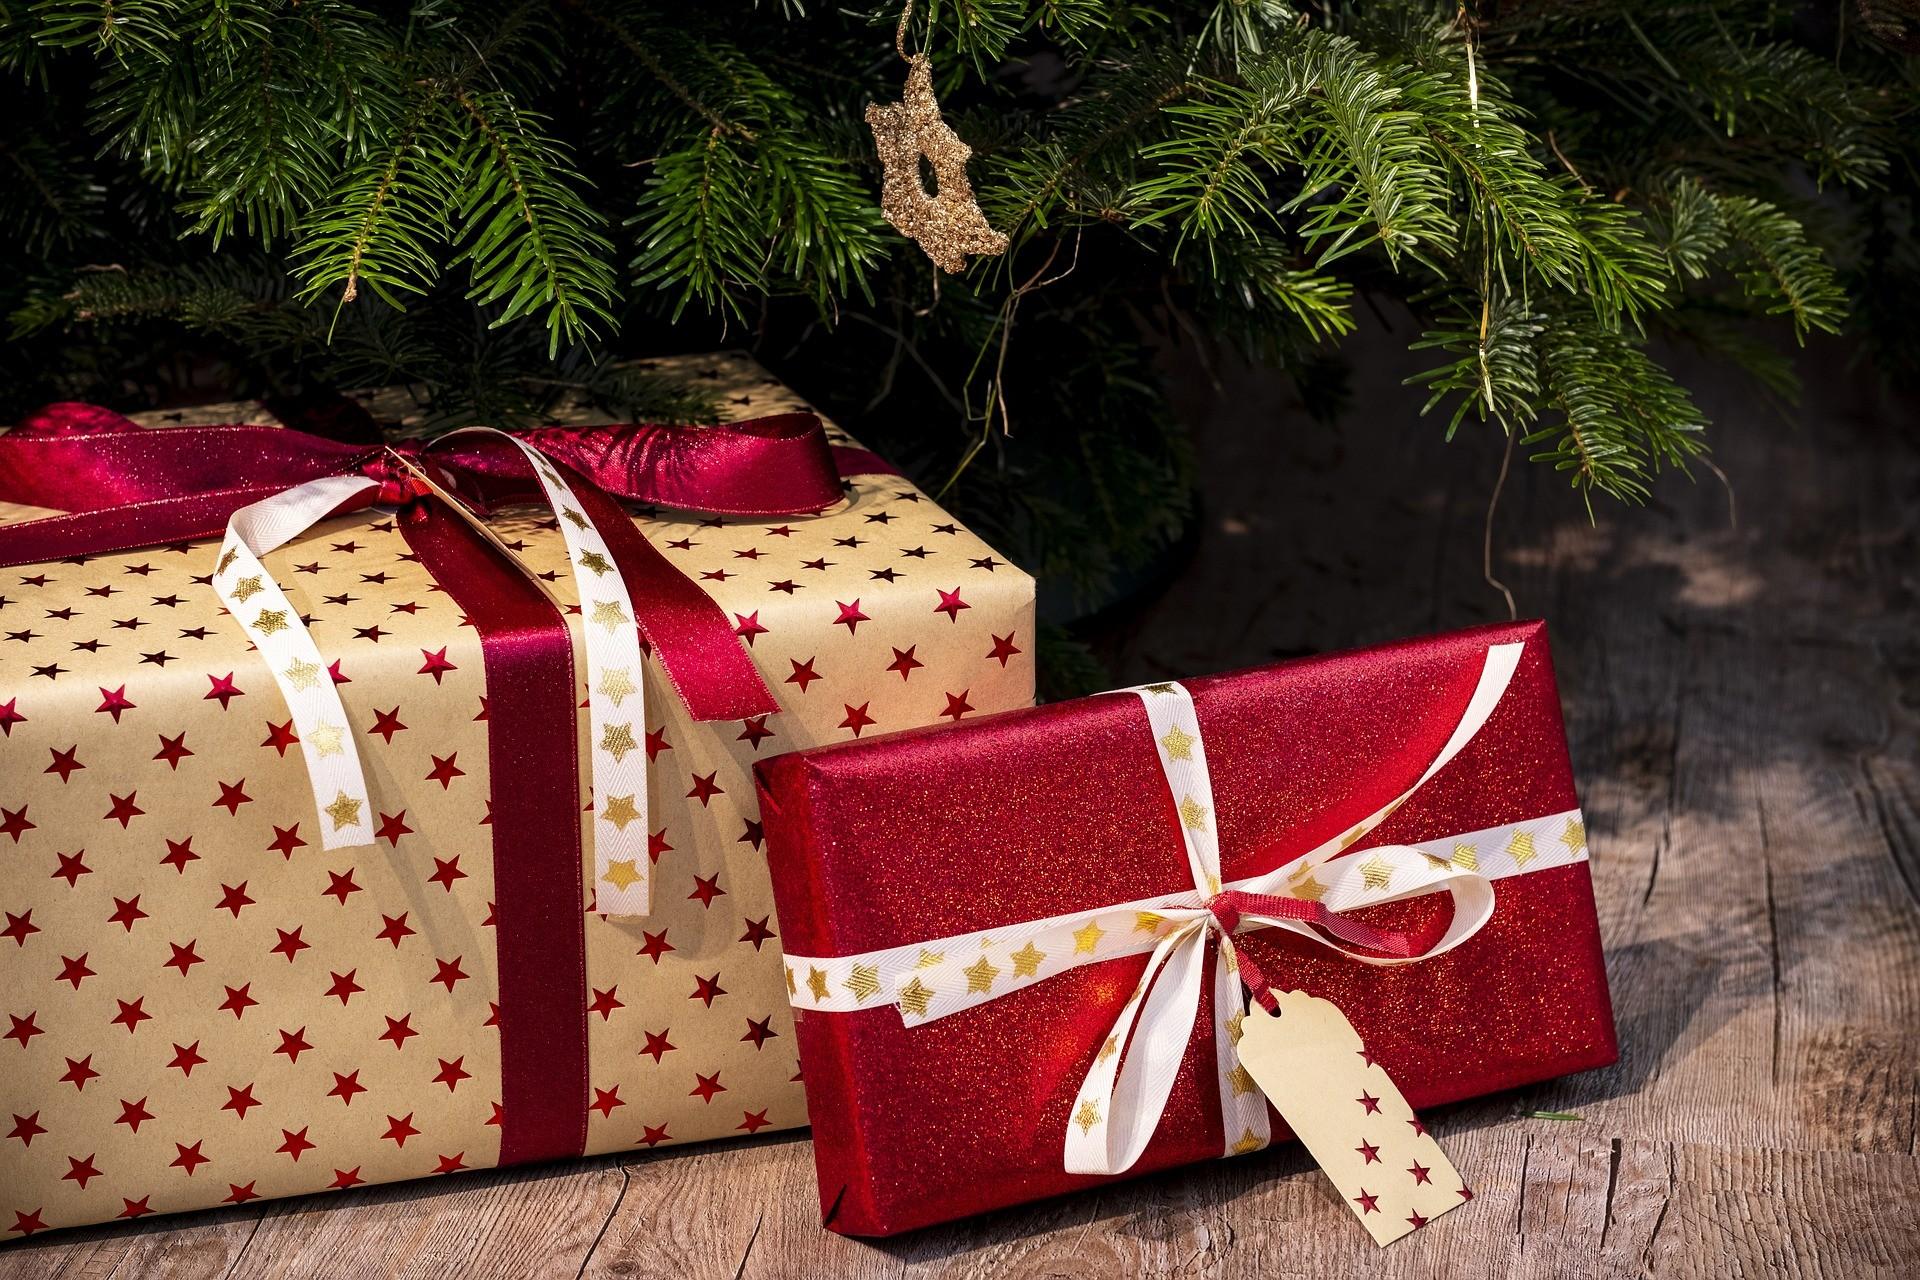 ▲聖誕節。(圖/取自免費圖庫pixabay)